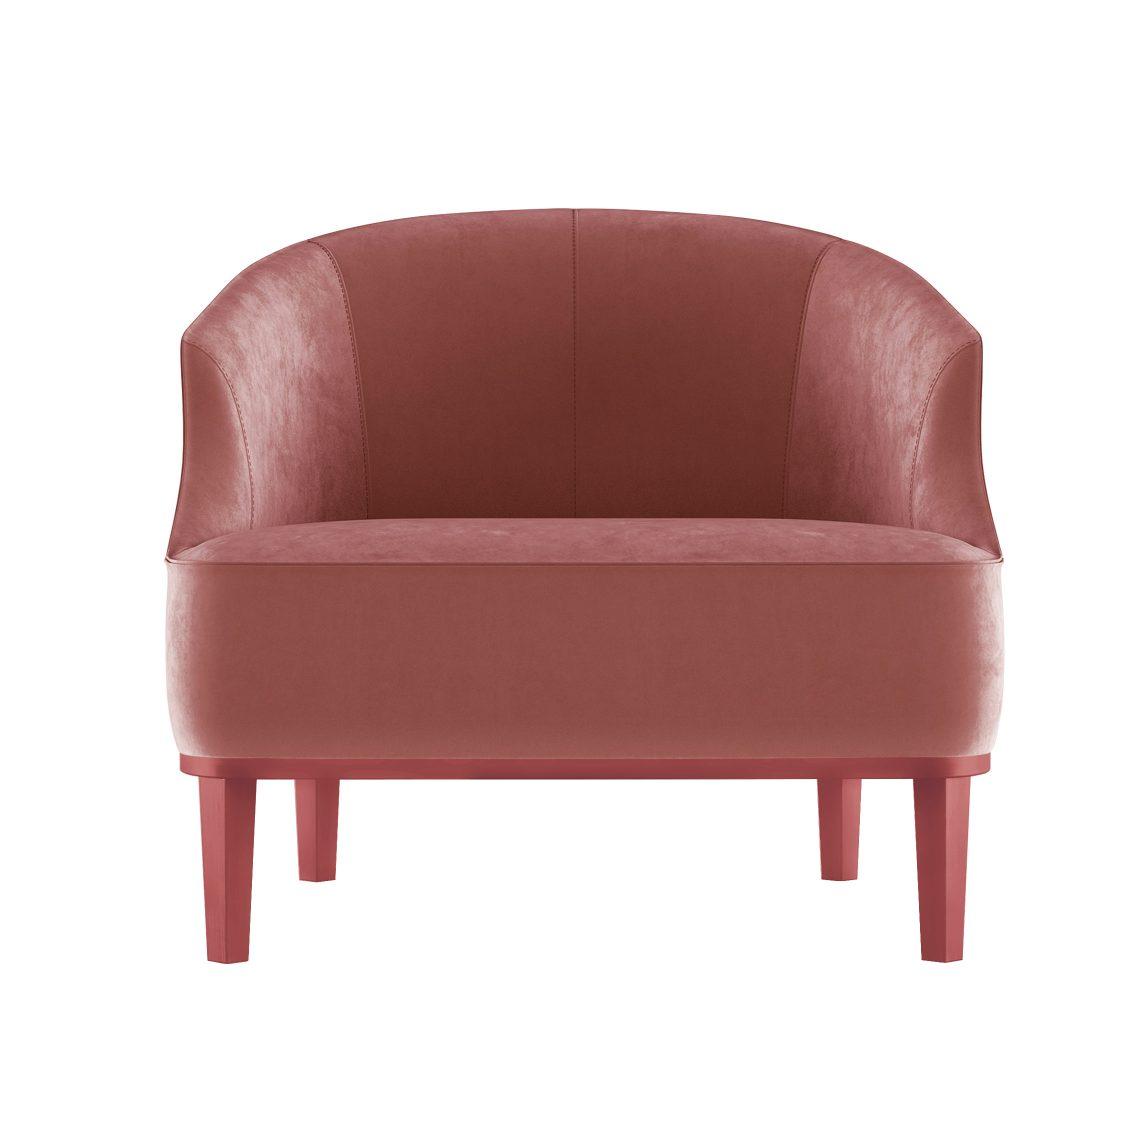 Кресло ар-деко на заказ. Копия Лонгхи итальянское кресло